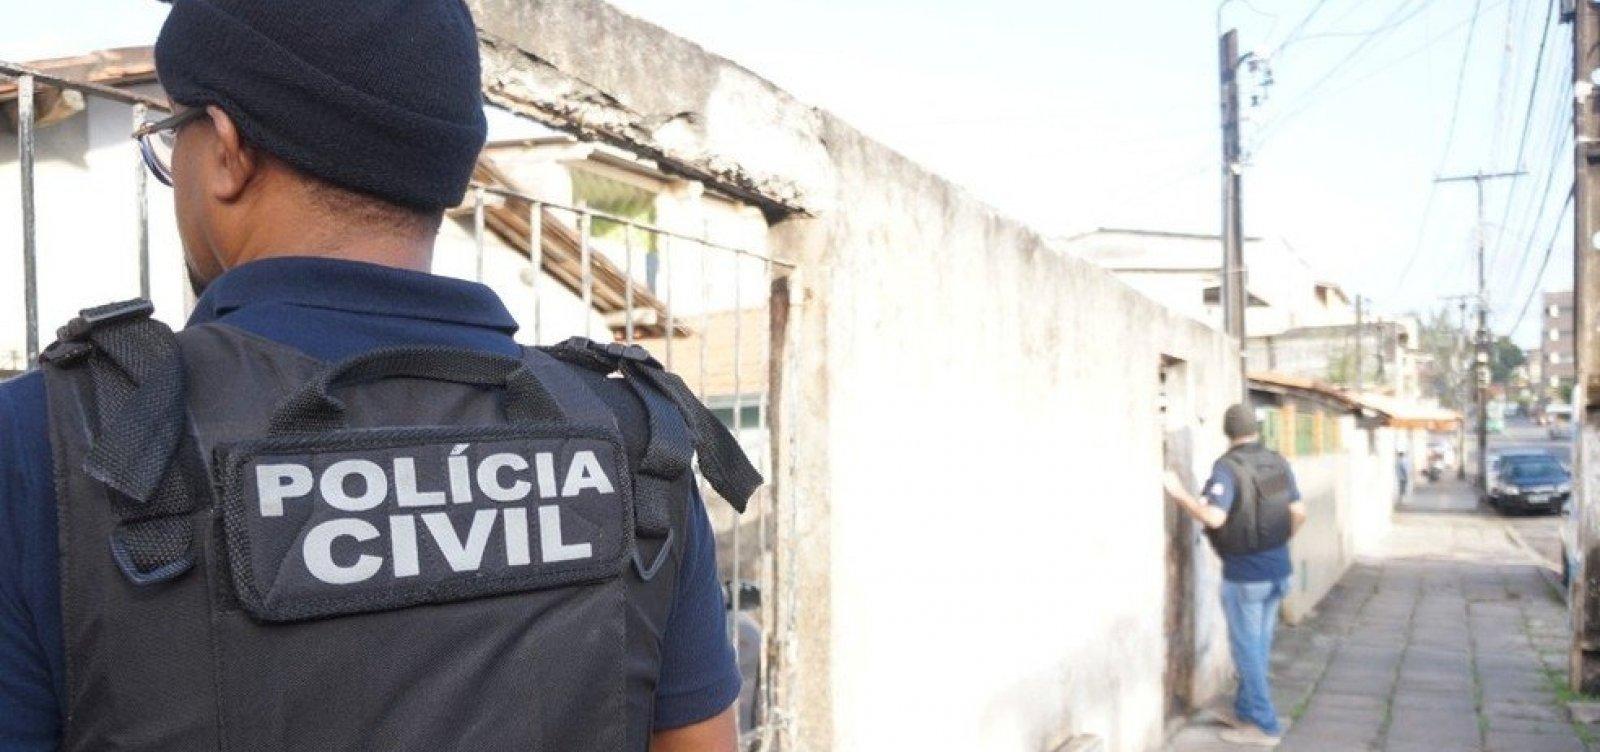 BAHIA: APROVADOS EM CONCURSO DA POLÍCIA CIVIL EM 2018 COBRAM NOMEAÇÕES